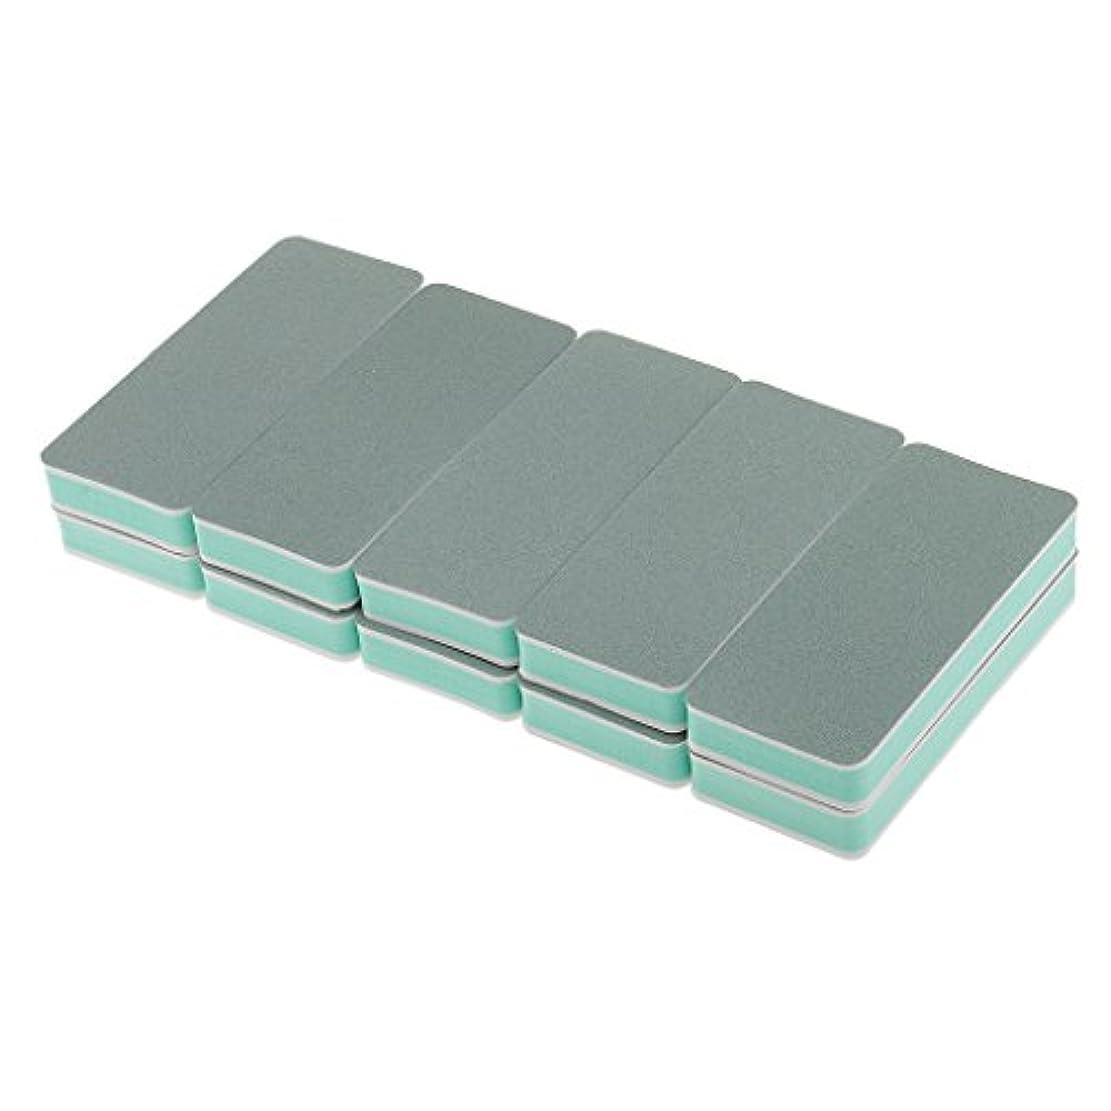 いたずらな処方するブラウス10個 プロ仕様 サロン用 爪磨き ネイル アート マニキュア ペディキュア バッファ サンディング ブロック ファイル